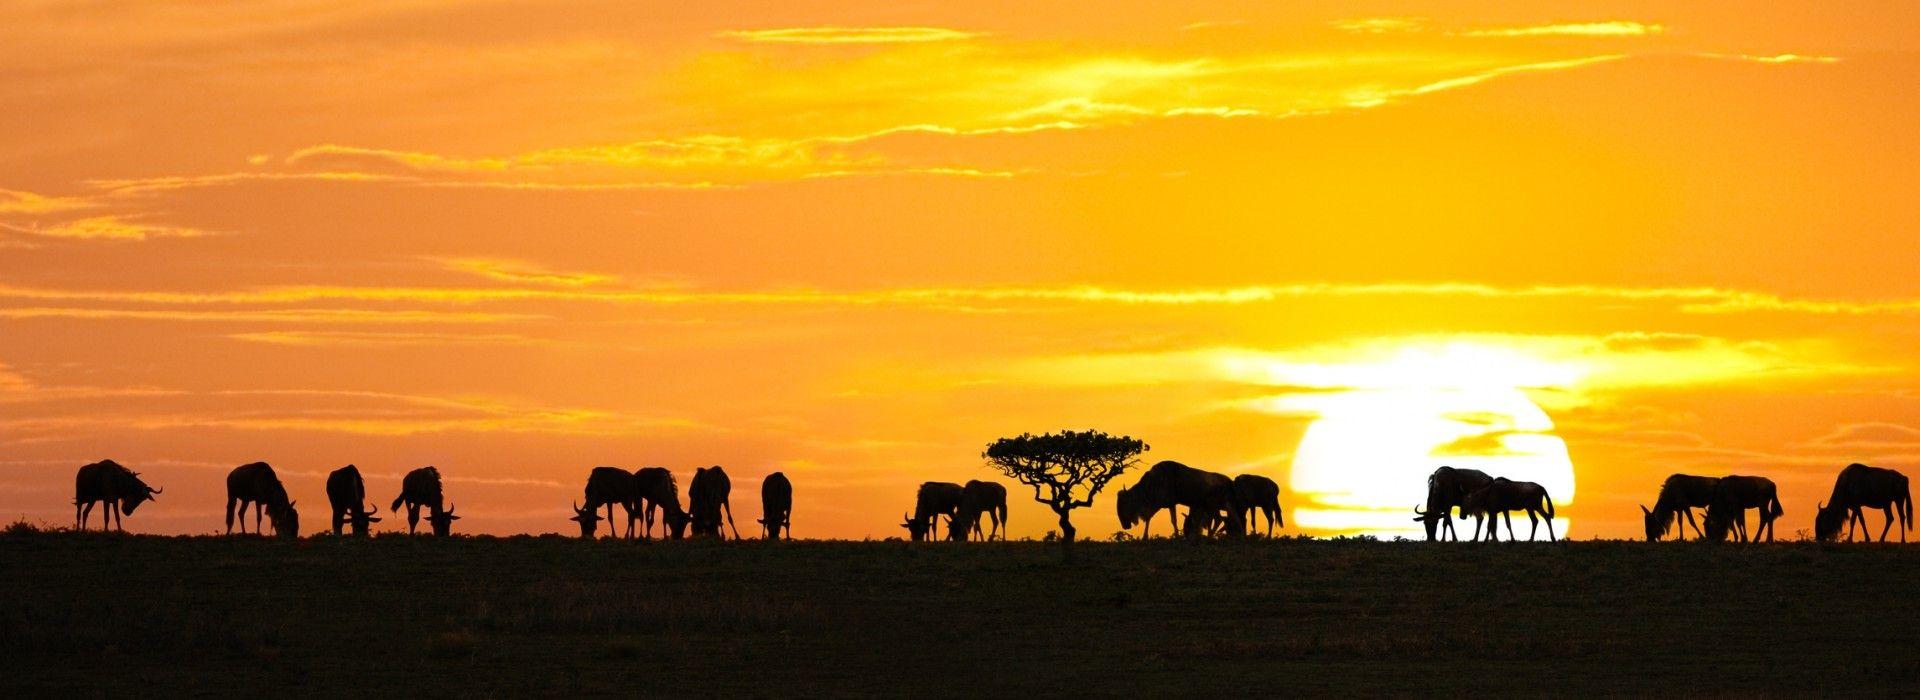 Beaches Tours in Tanzania Safari Parks